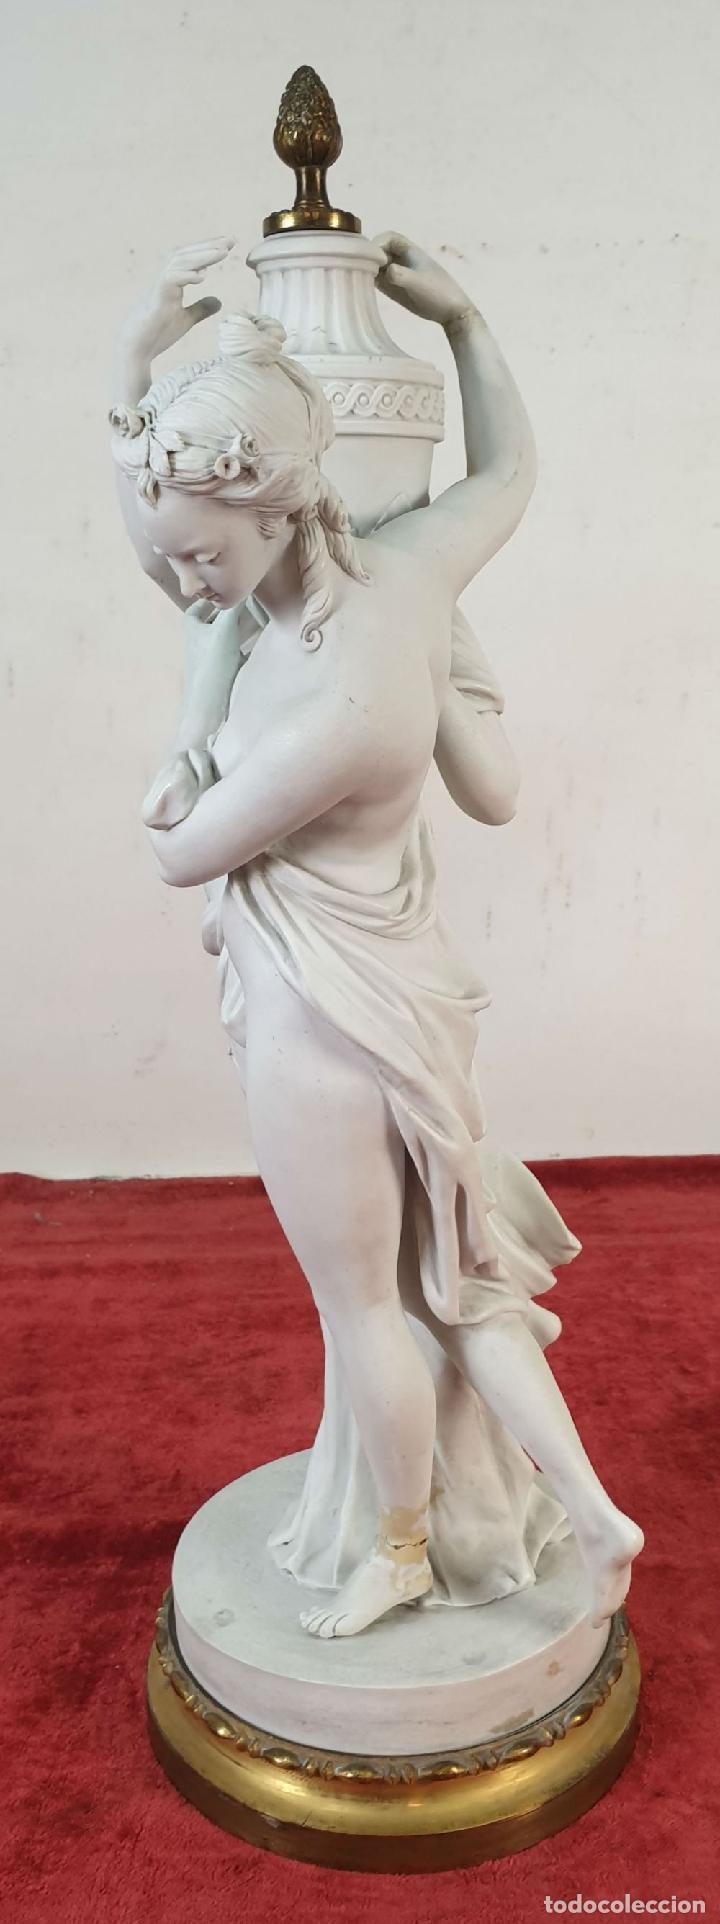 Arte: PAREJA DE VENUS. ESCULTURA EN PORCELANA. BASE DE BRONCE. SIGLO XVIII-XIX - Foto 10 - 194282847